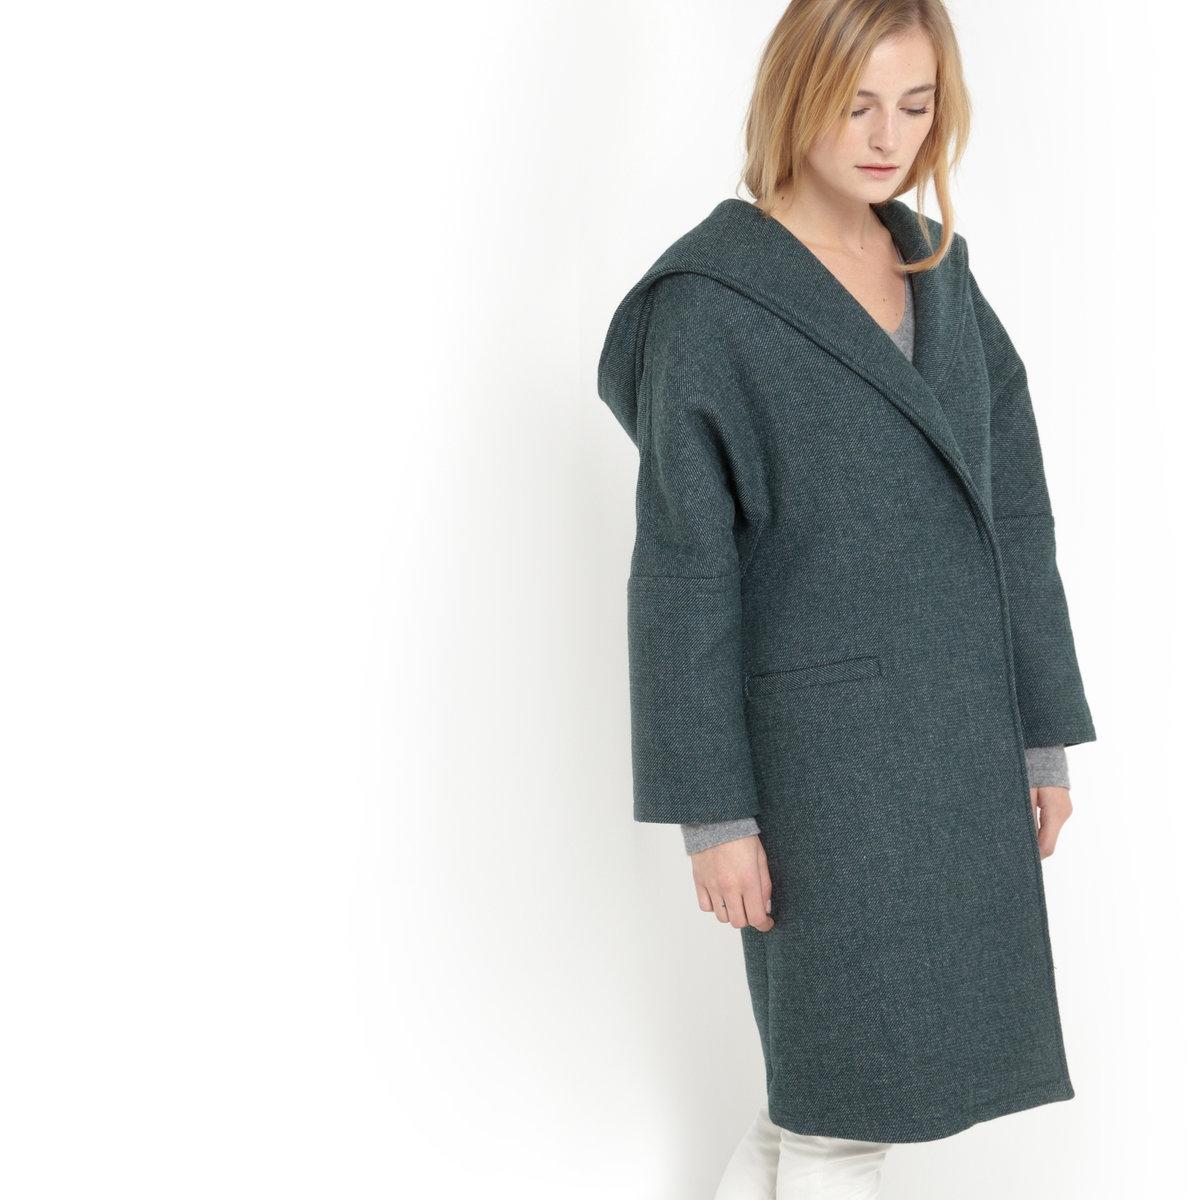 Пальто-кокон с капюшономДлинное пальто-кокон с капюшоном. 2 кармана спереди. Застежка на пуговицу и кнопку.  57% полиэстера, 38% шерсти, 5% других волокон, подкладка: 100% полиэстера. Длина 90 см.<br><br>Цвет: темно-зеленый<br>Размер: 38 (FR) - 44 (RUS)